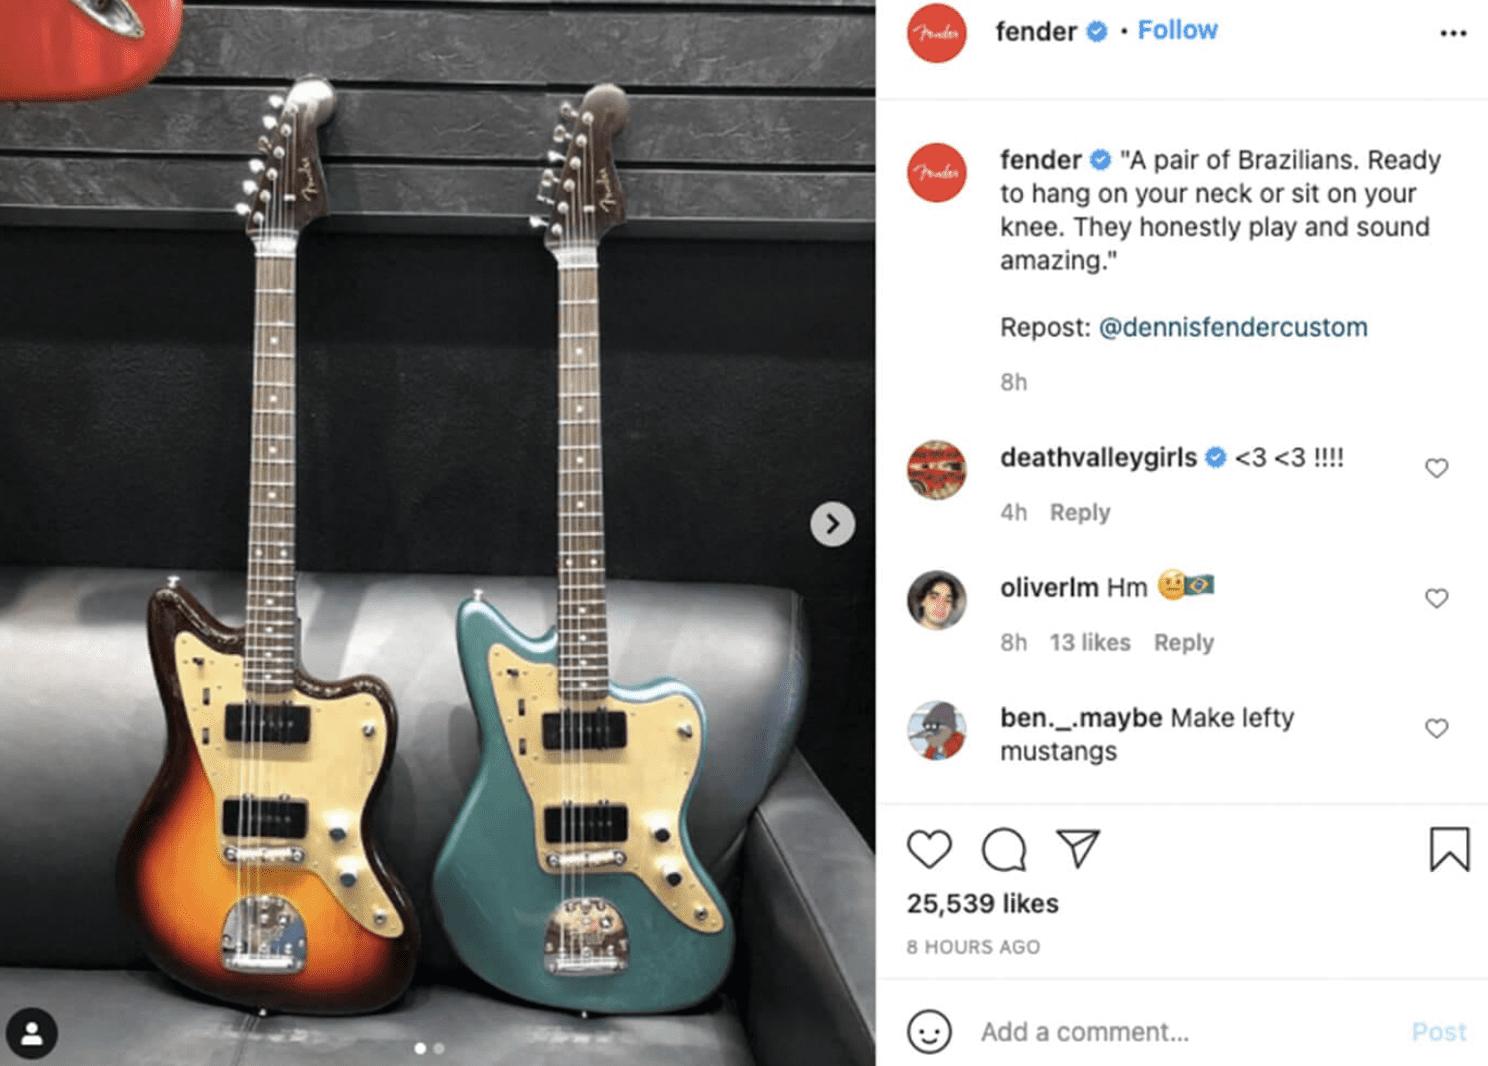 Fender Instagram post